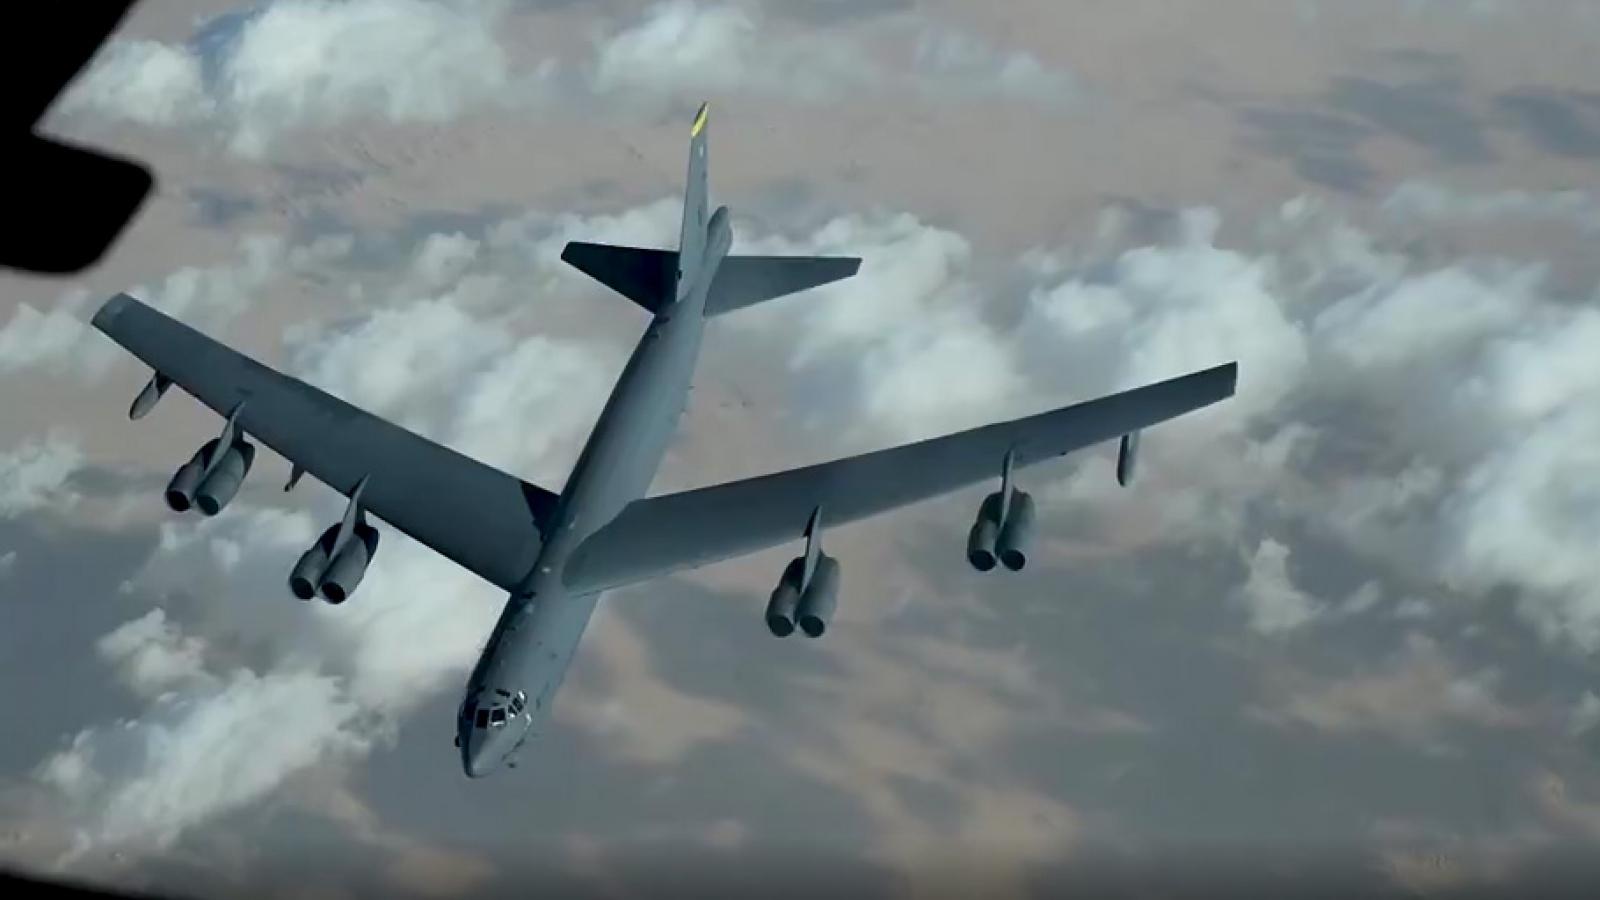 Cận cảnh KC-10 Extender tiếp nhiên liệu cho oanh tạc cơ B-52 trên bầu trời Trung Đông